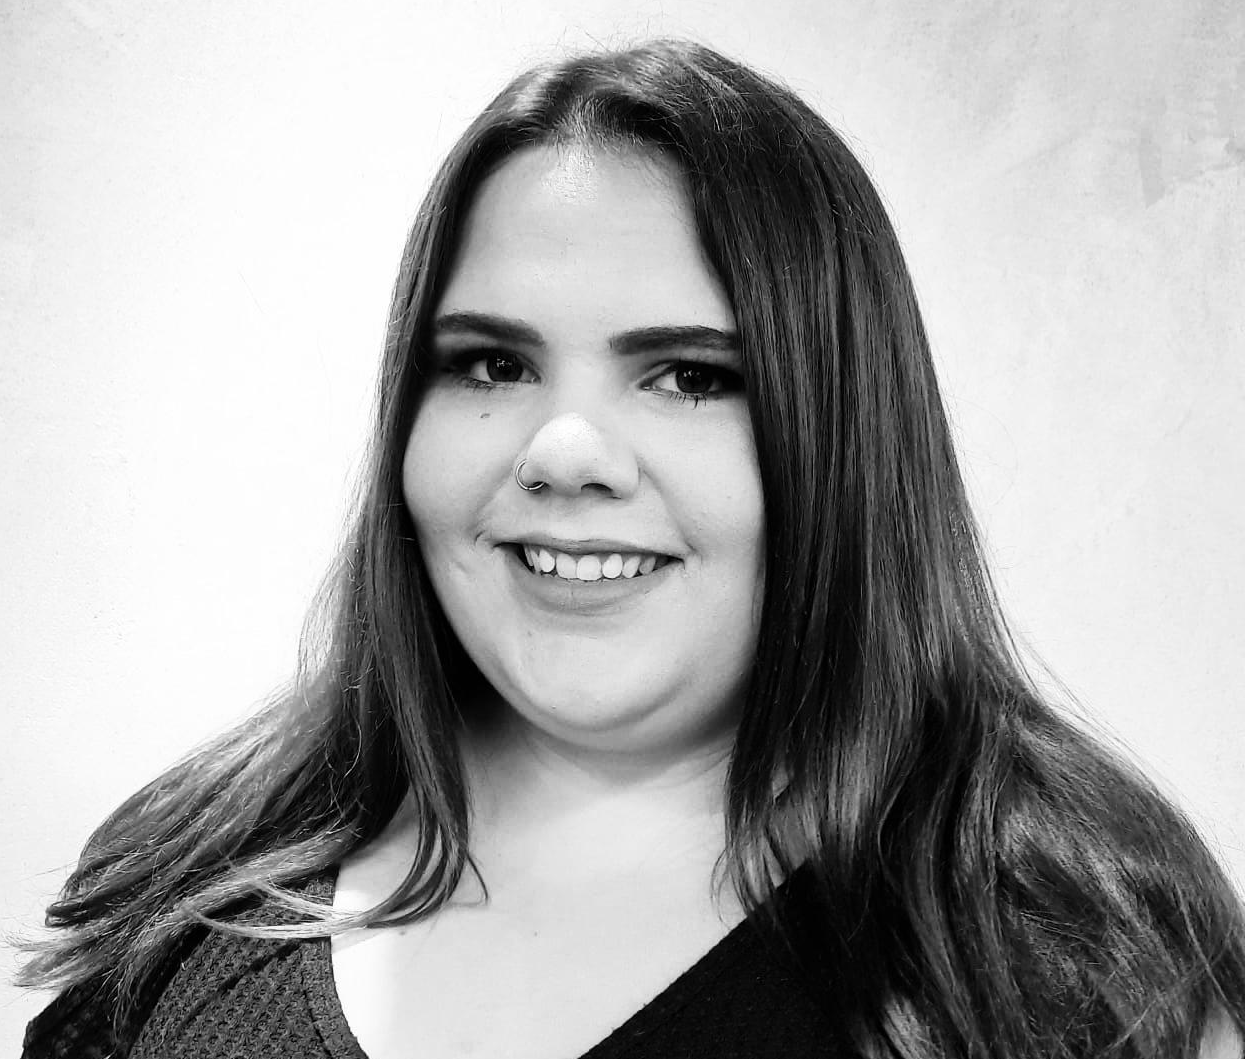 Noelia-Meier-Porträt